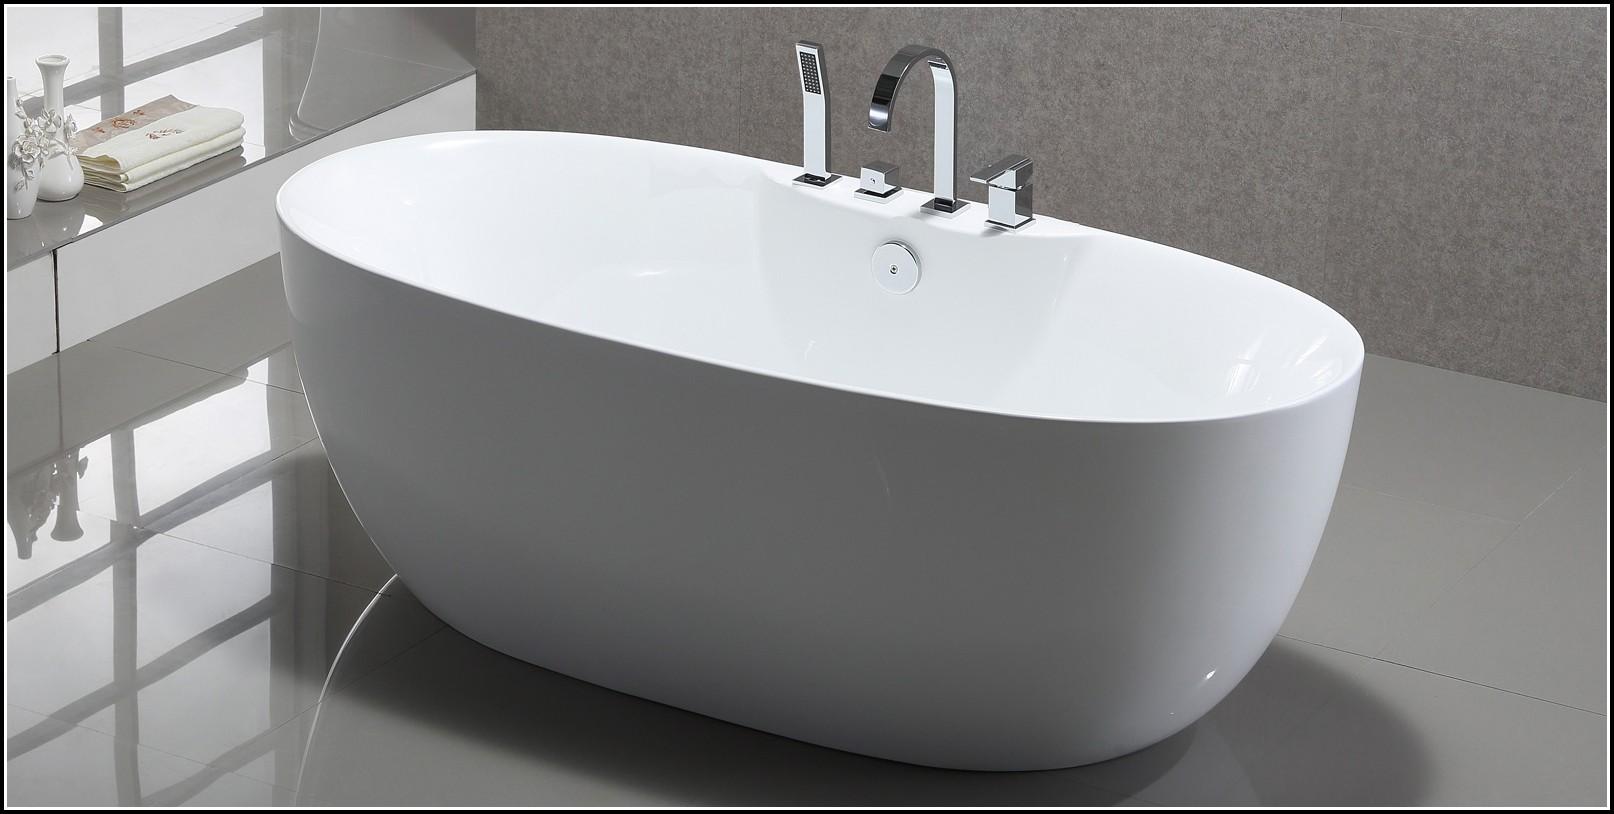 Badewanne Mit Integrierter Armatur